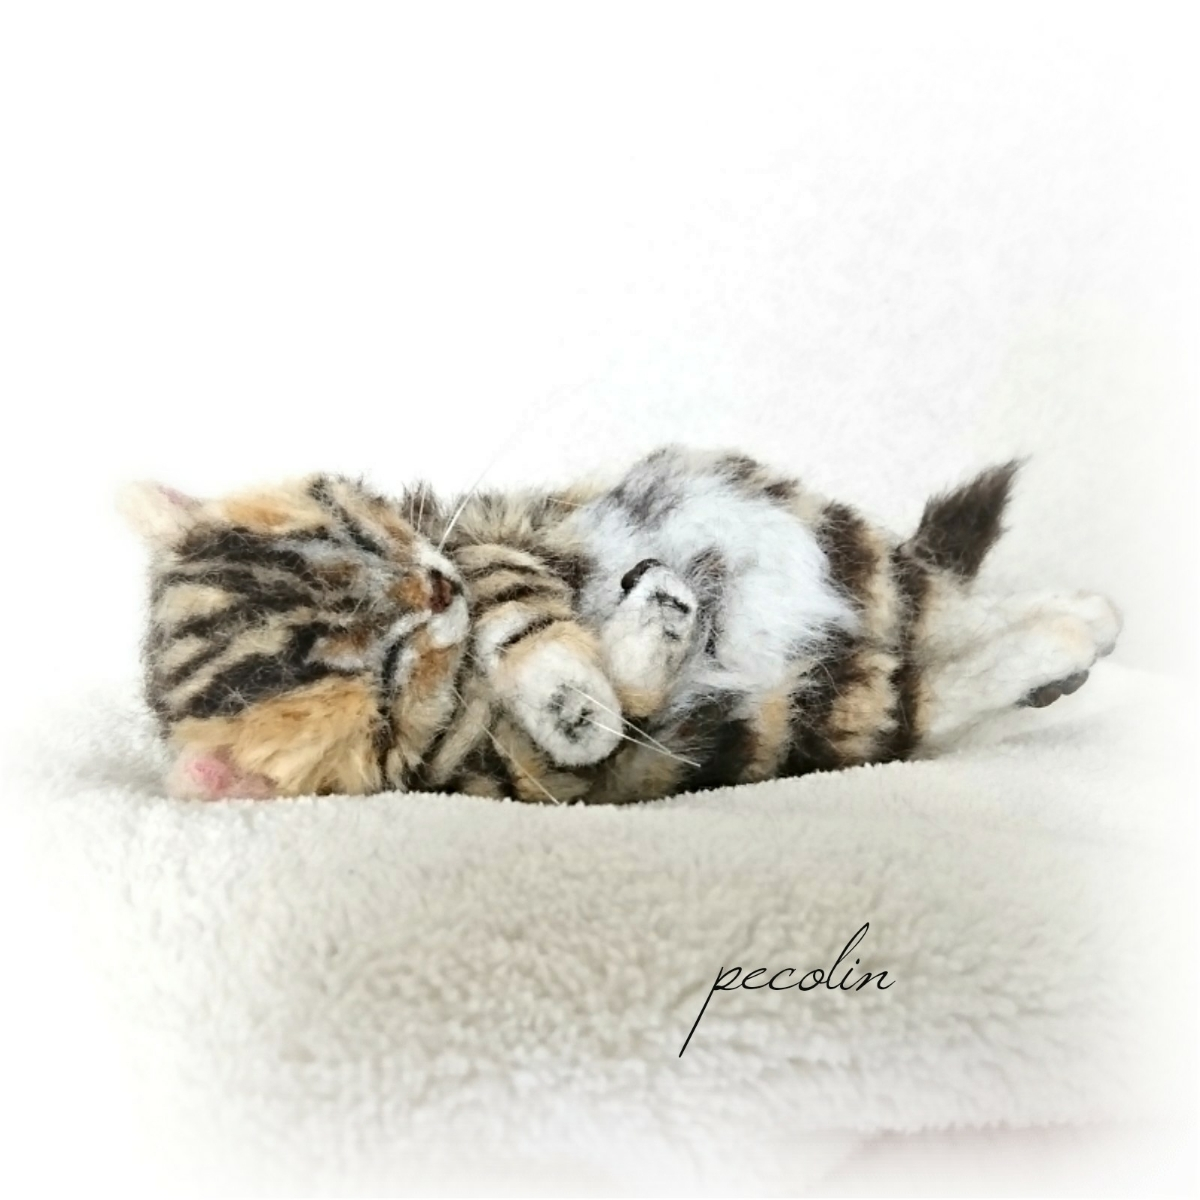 peco-lin 羊毛フェルト すやすや眠るベンガルの赤ちゃん 猫 ハンドメイド 眠り猫_画像1